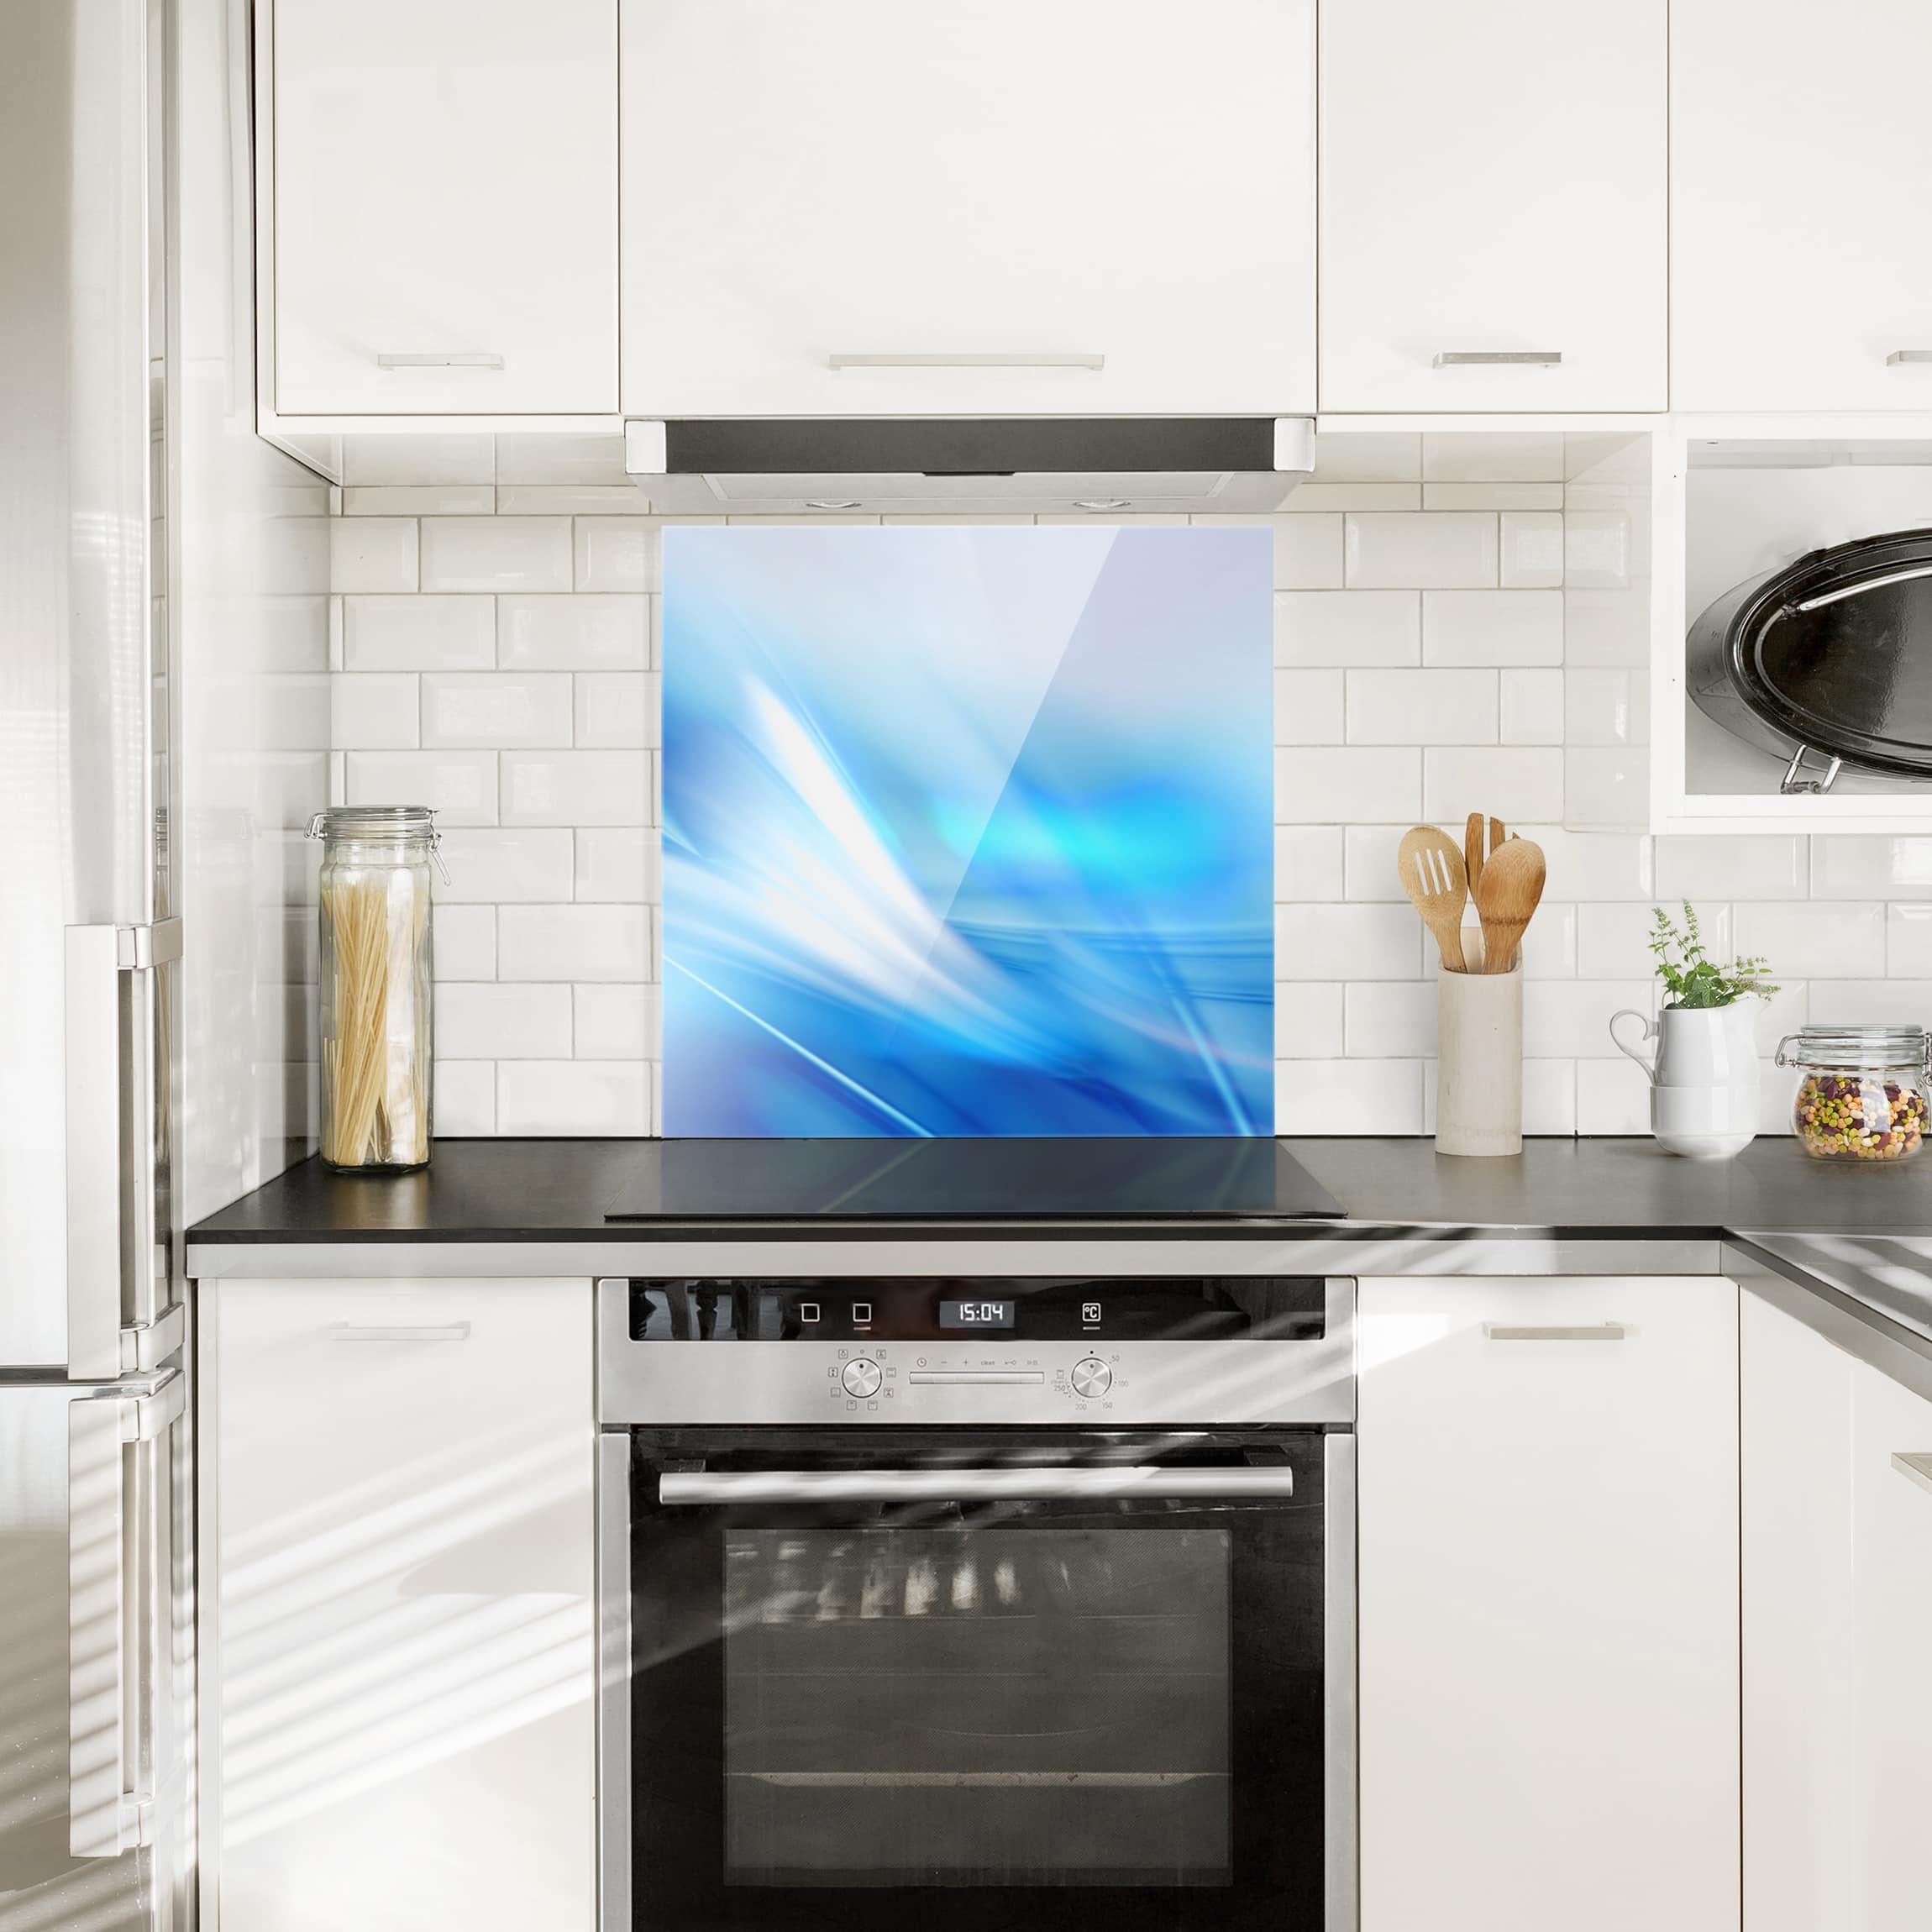 spritzschutz glas aquatic quadrat 1 1. Black Bedroom Furniture Sets. Home Design Ideas